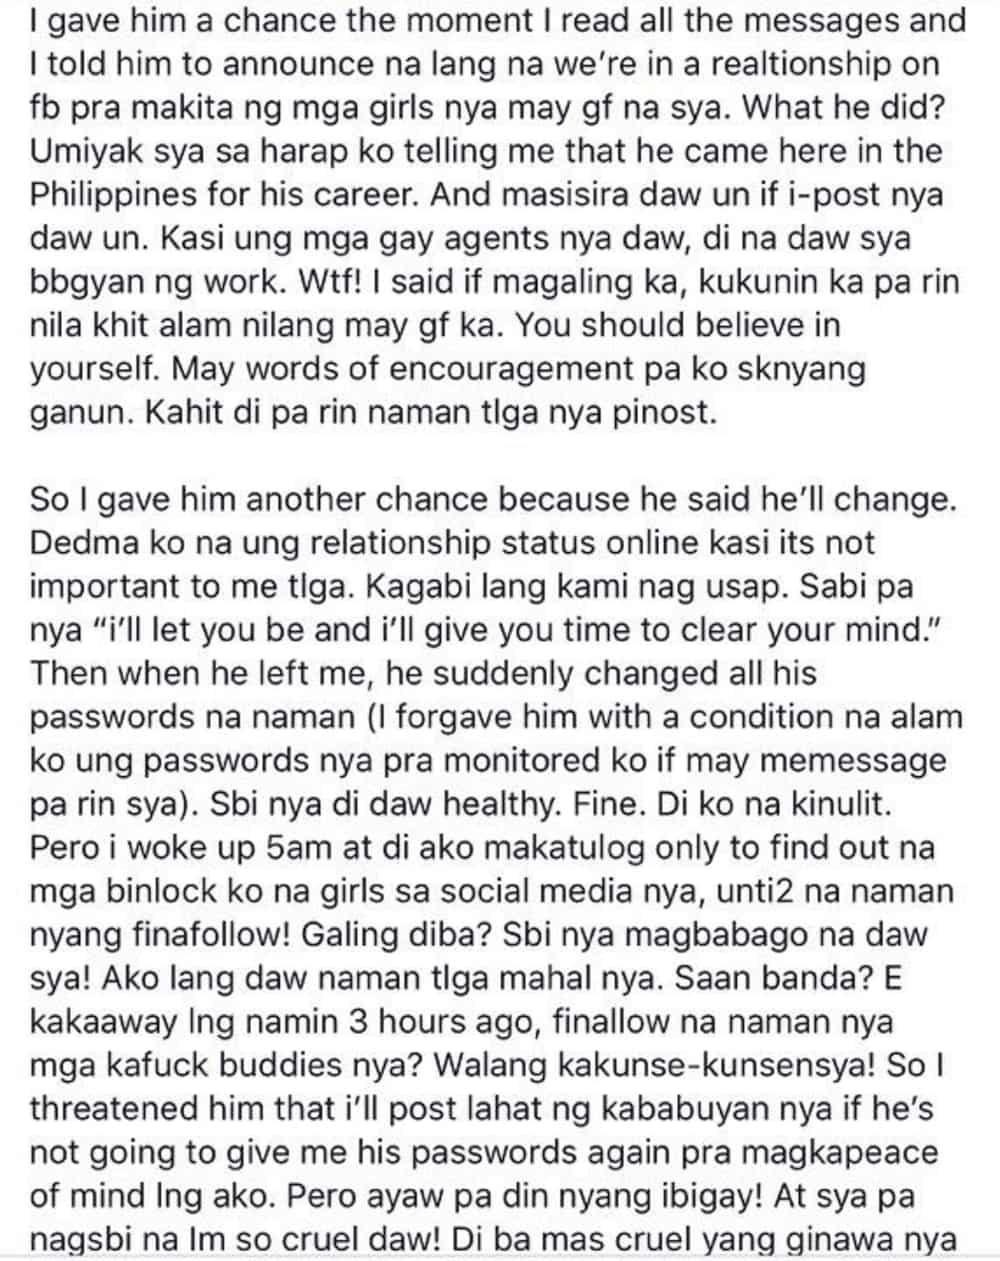 Arianne Bautista posts screenshots of messages regarding her cheating allegations against her ex-boyfriend